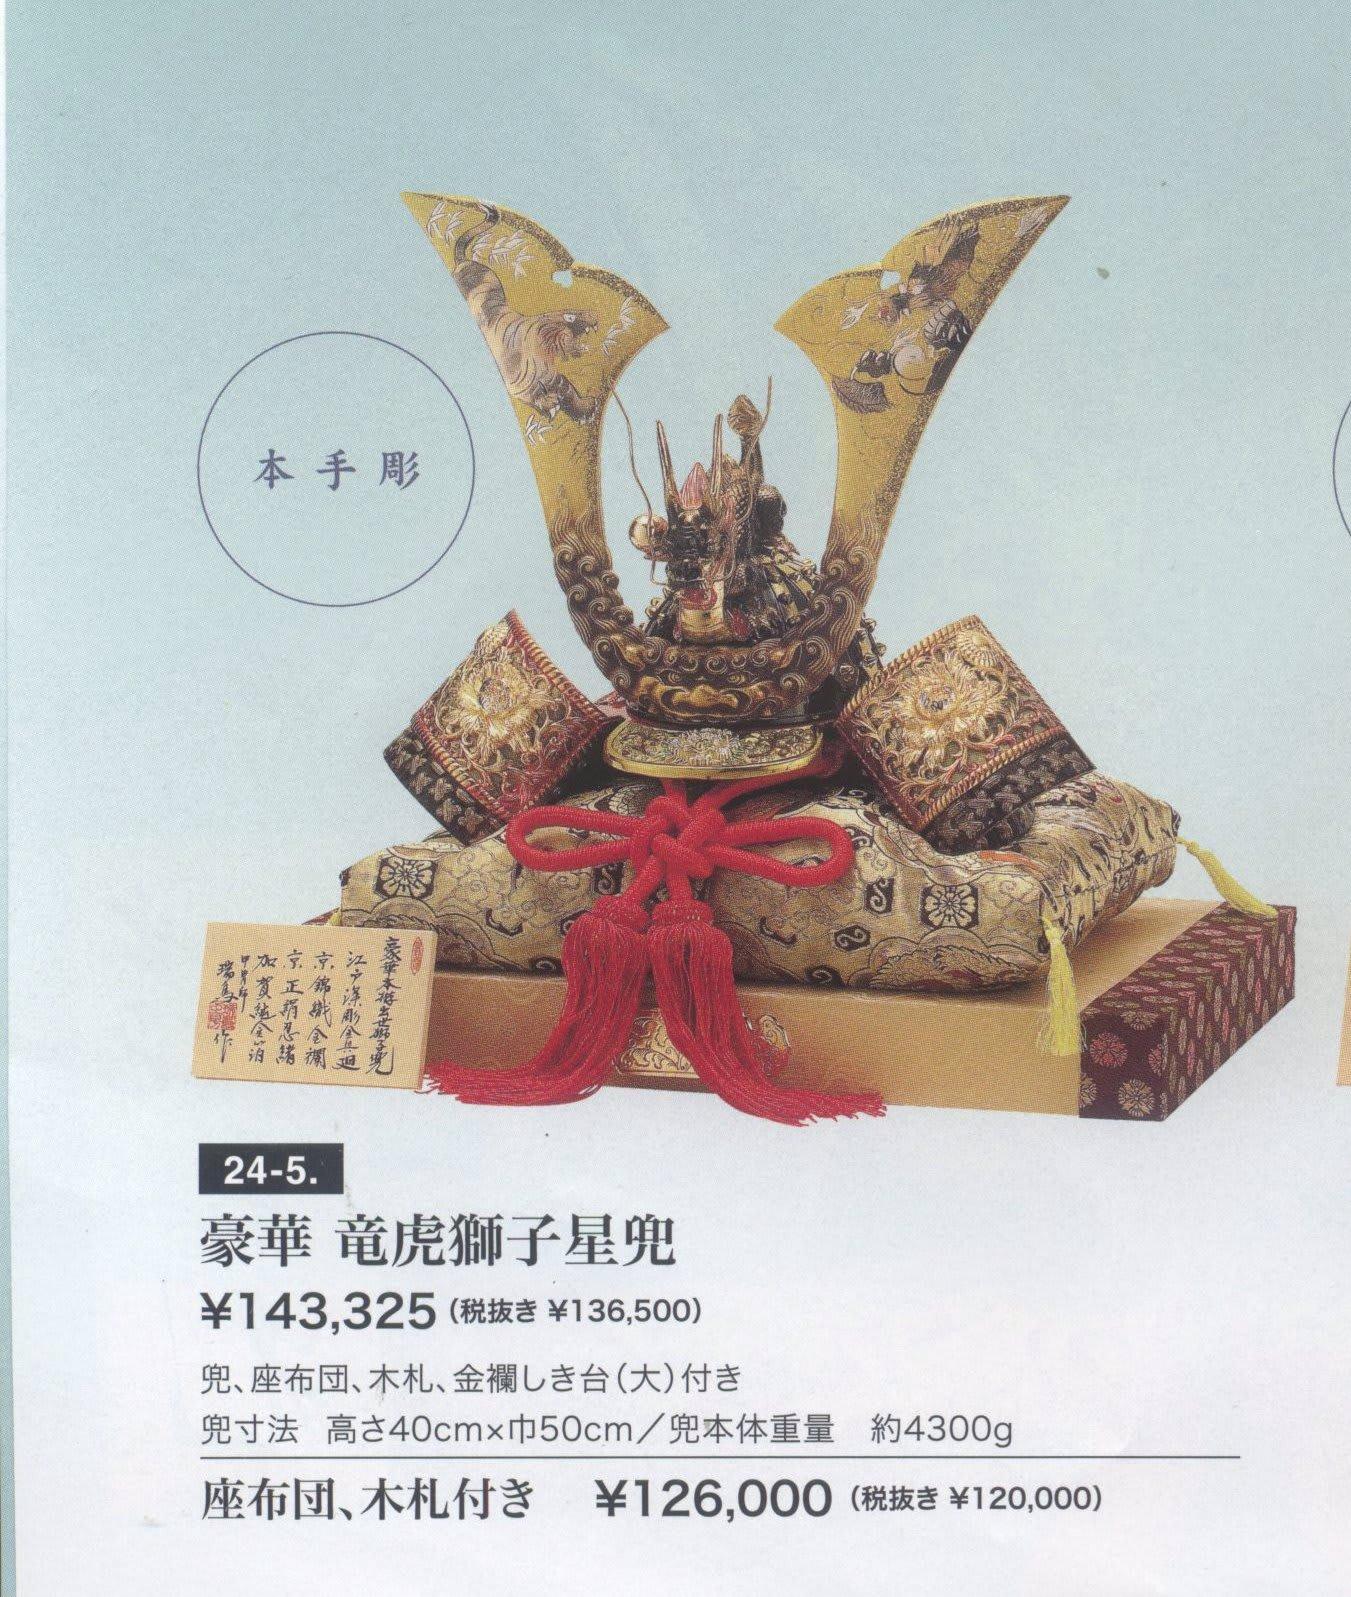 豪華出世兜 竜虎獅子星兜 本手彫りの剣に竜と虎が彫ってあります。 華やか...  高岡銅器つれづ